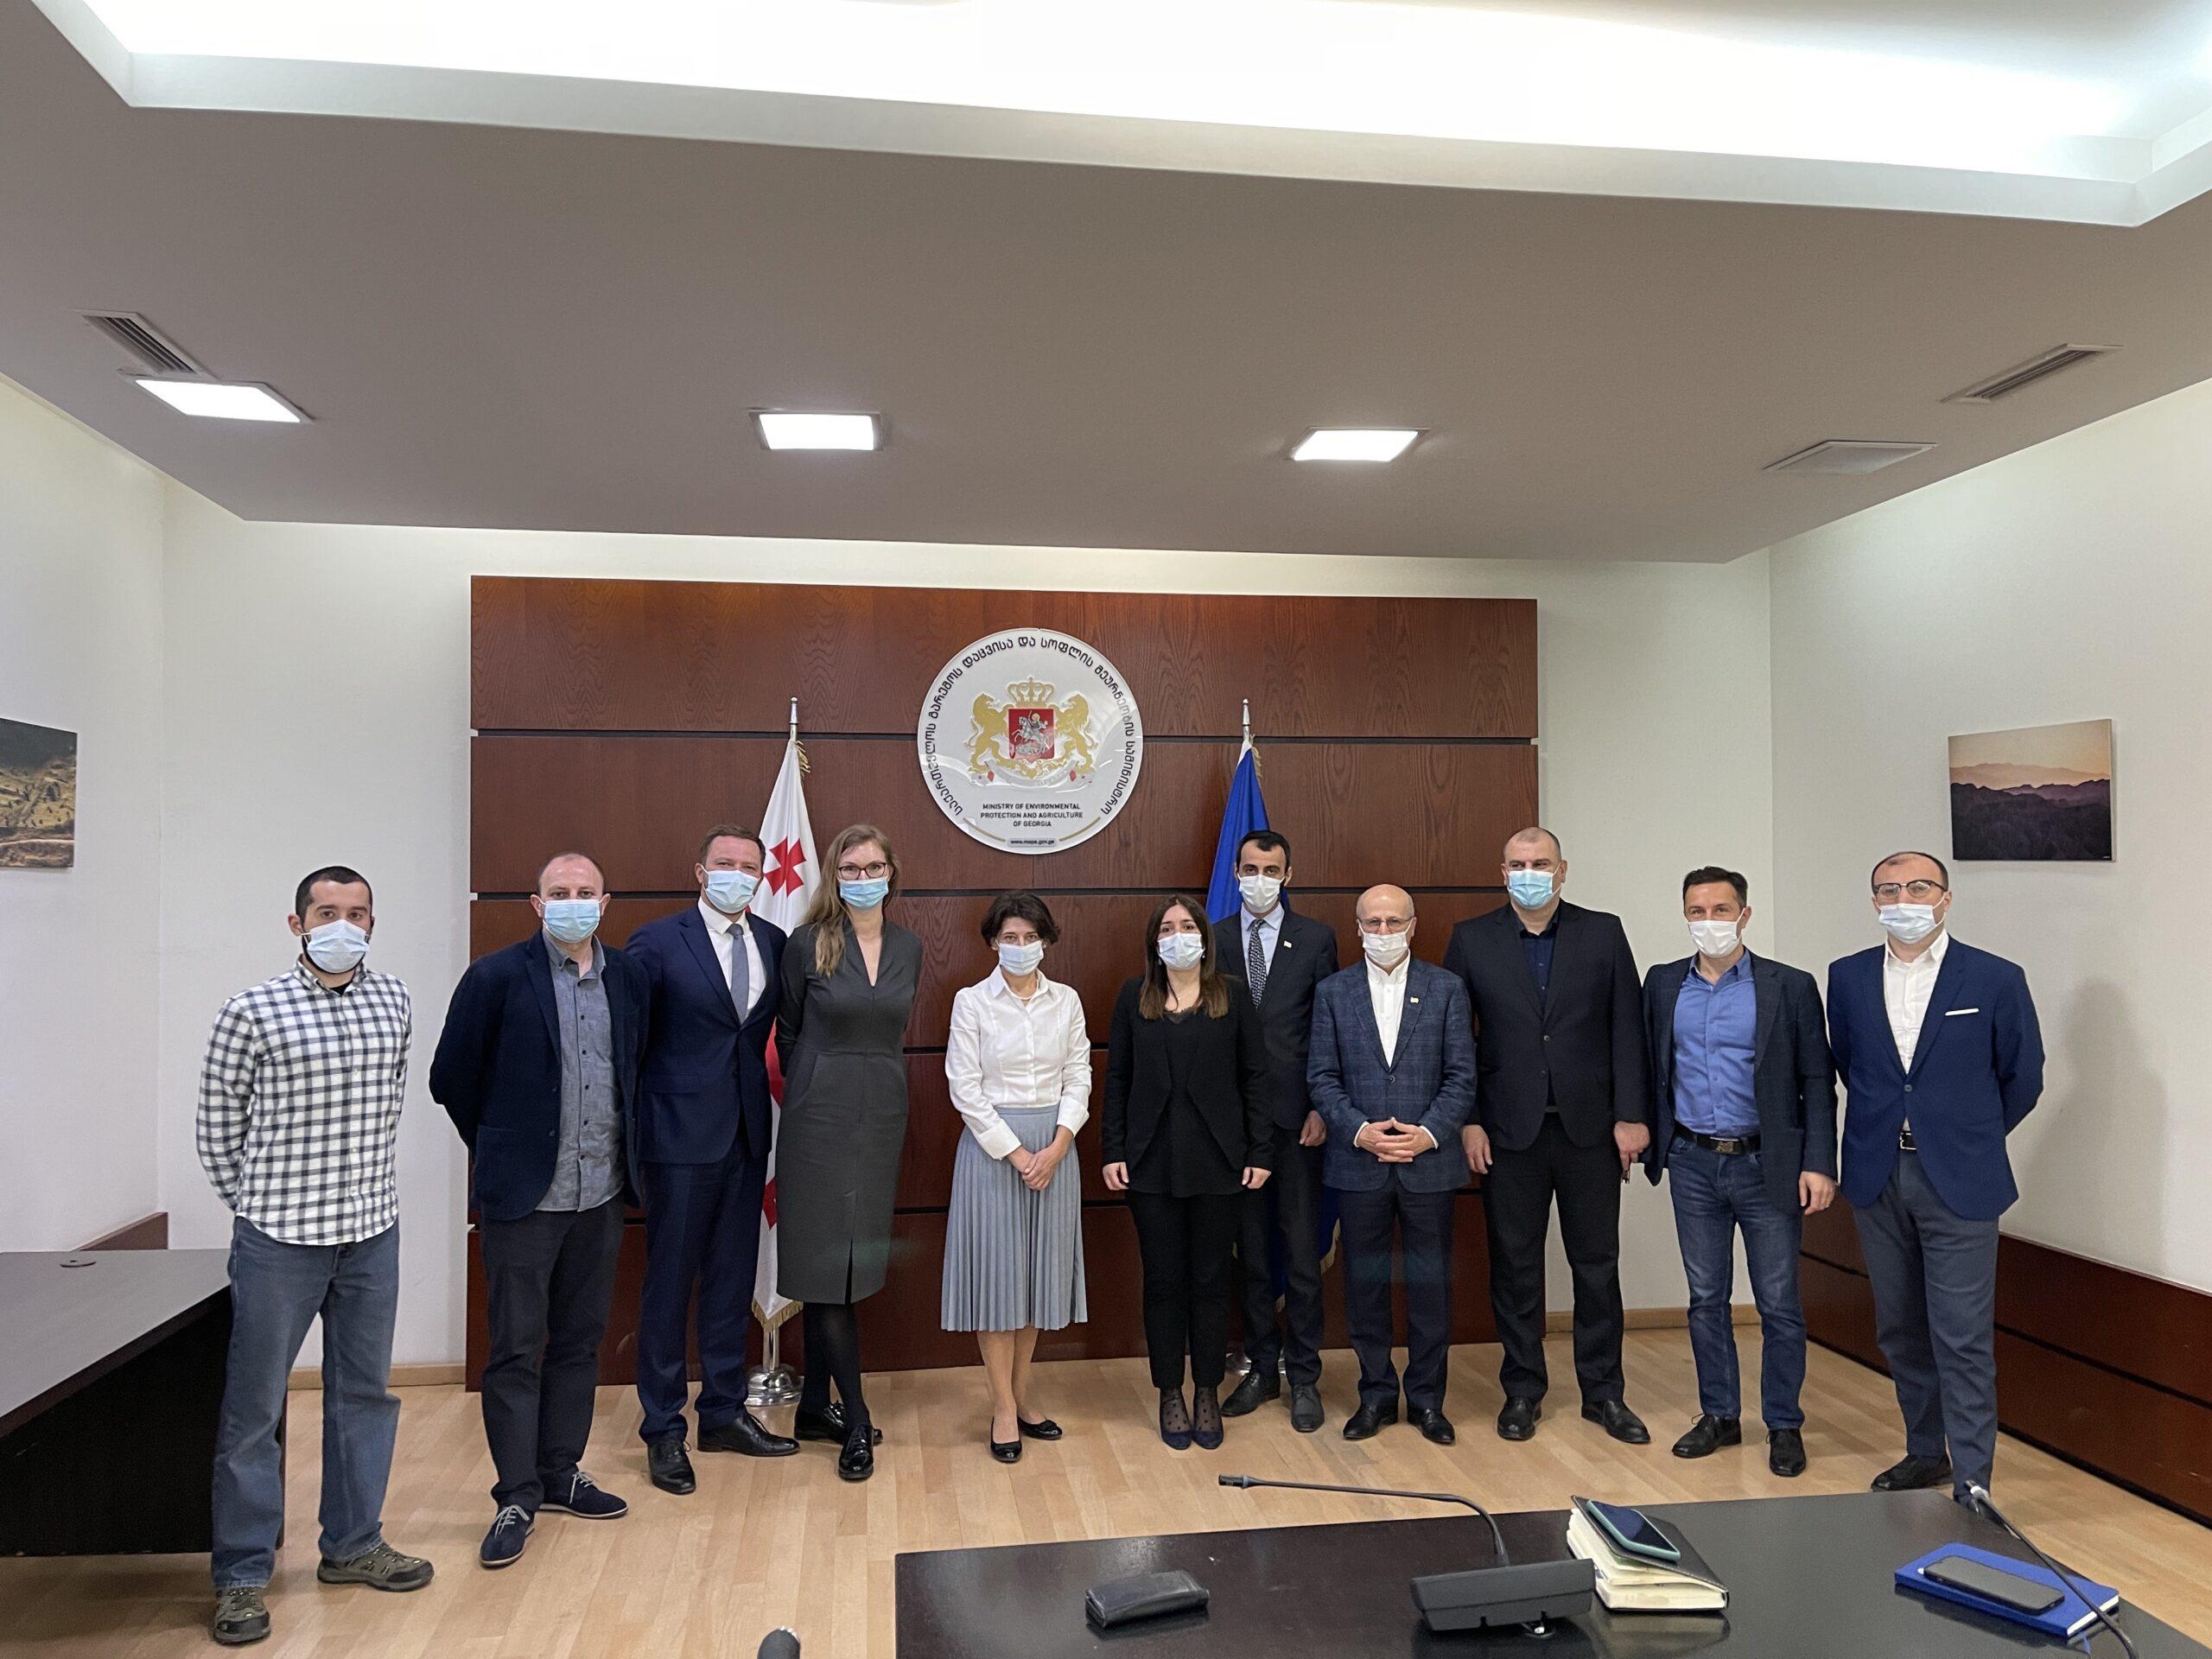 Timbeter y el gobierno de Georgia inician cooperación para fortalecer las prácticas forestales sostenibles en Georgia